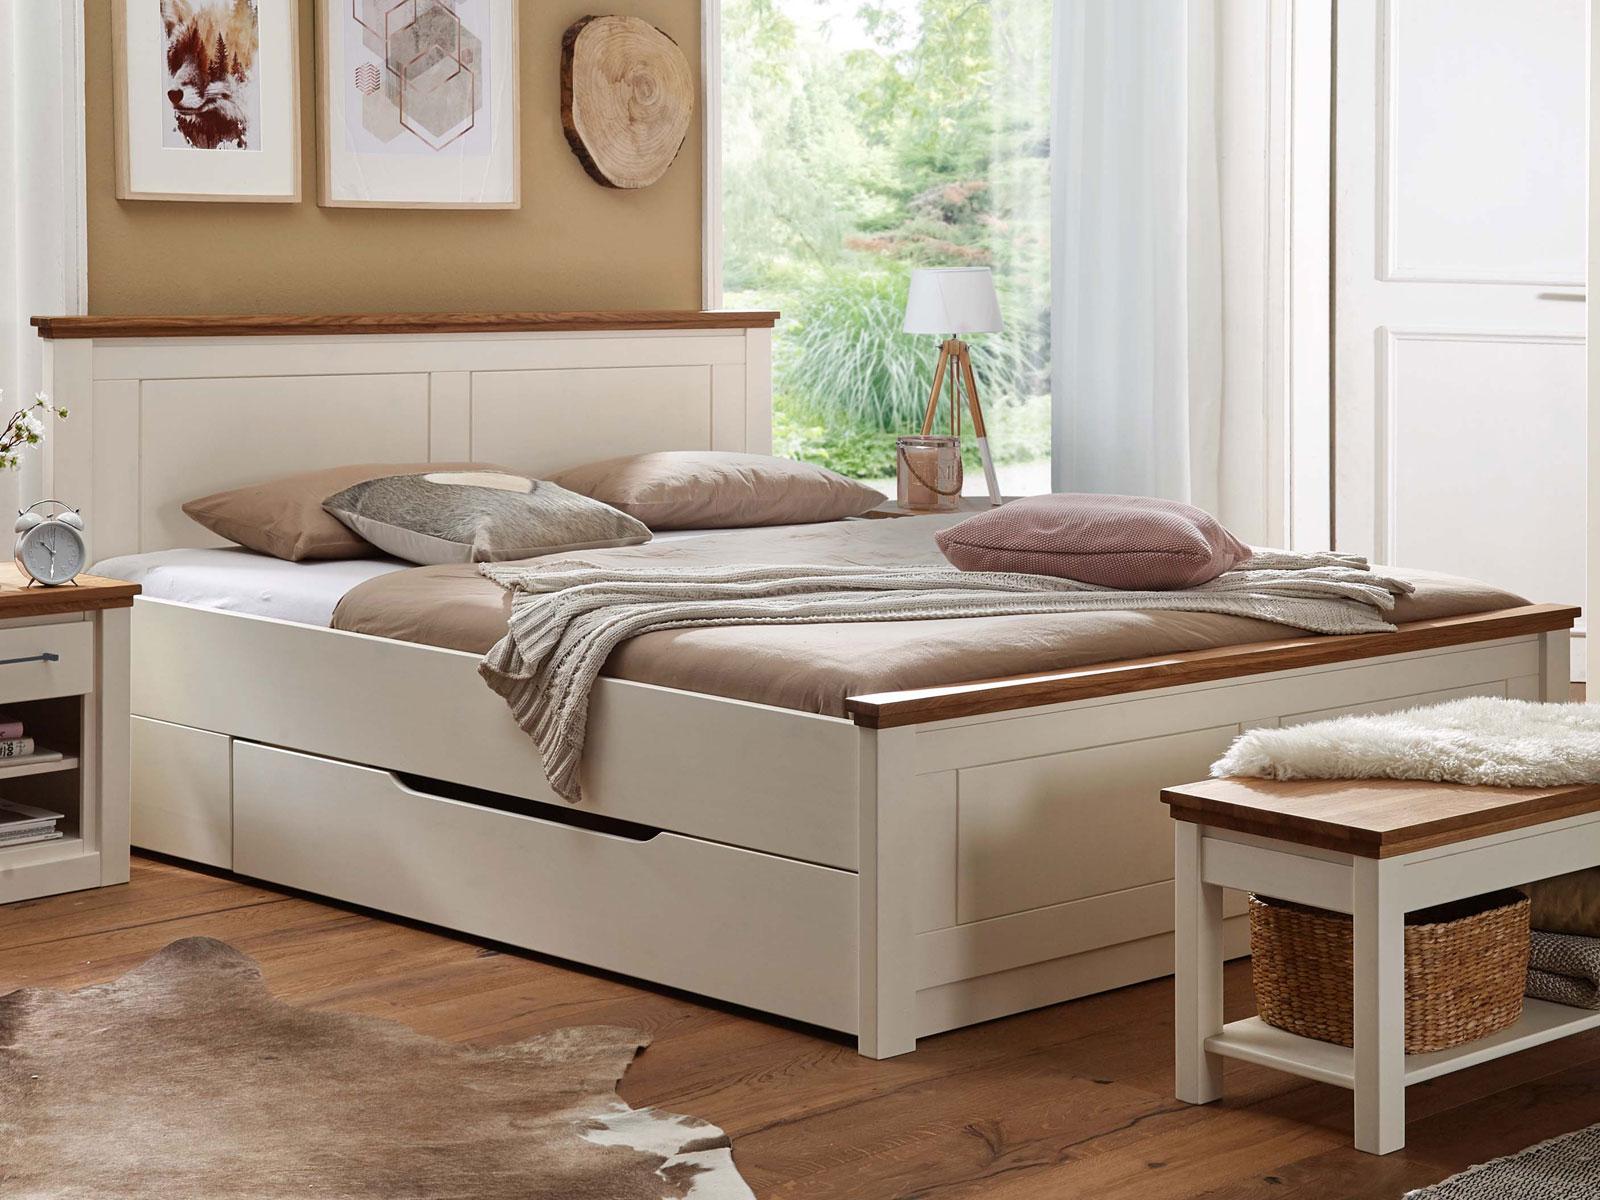 Full Size of Bett Massiv 180x200 Doppelbett Provence 180 200 Cm Pinie Nordica Creme Und Sonoma Eiche 140x200 Kaufen Günstig Kopfteil 140 Günstiges Stauraum 160x200 Betten Bett Bett Massiv 180x200